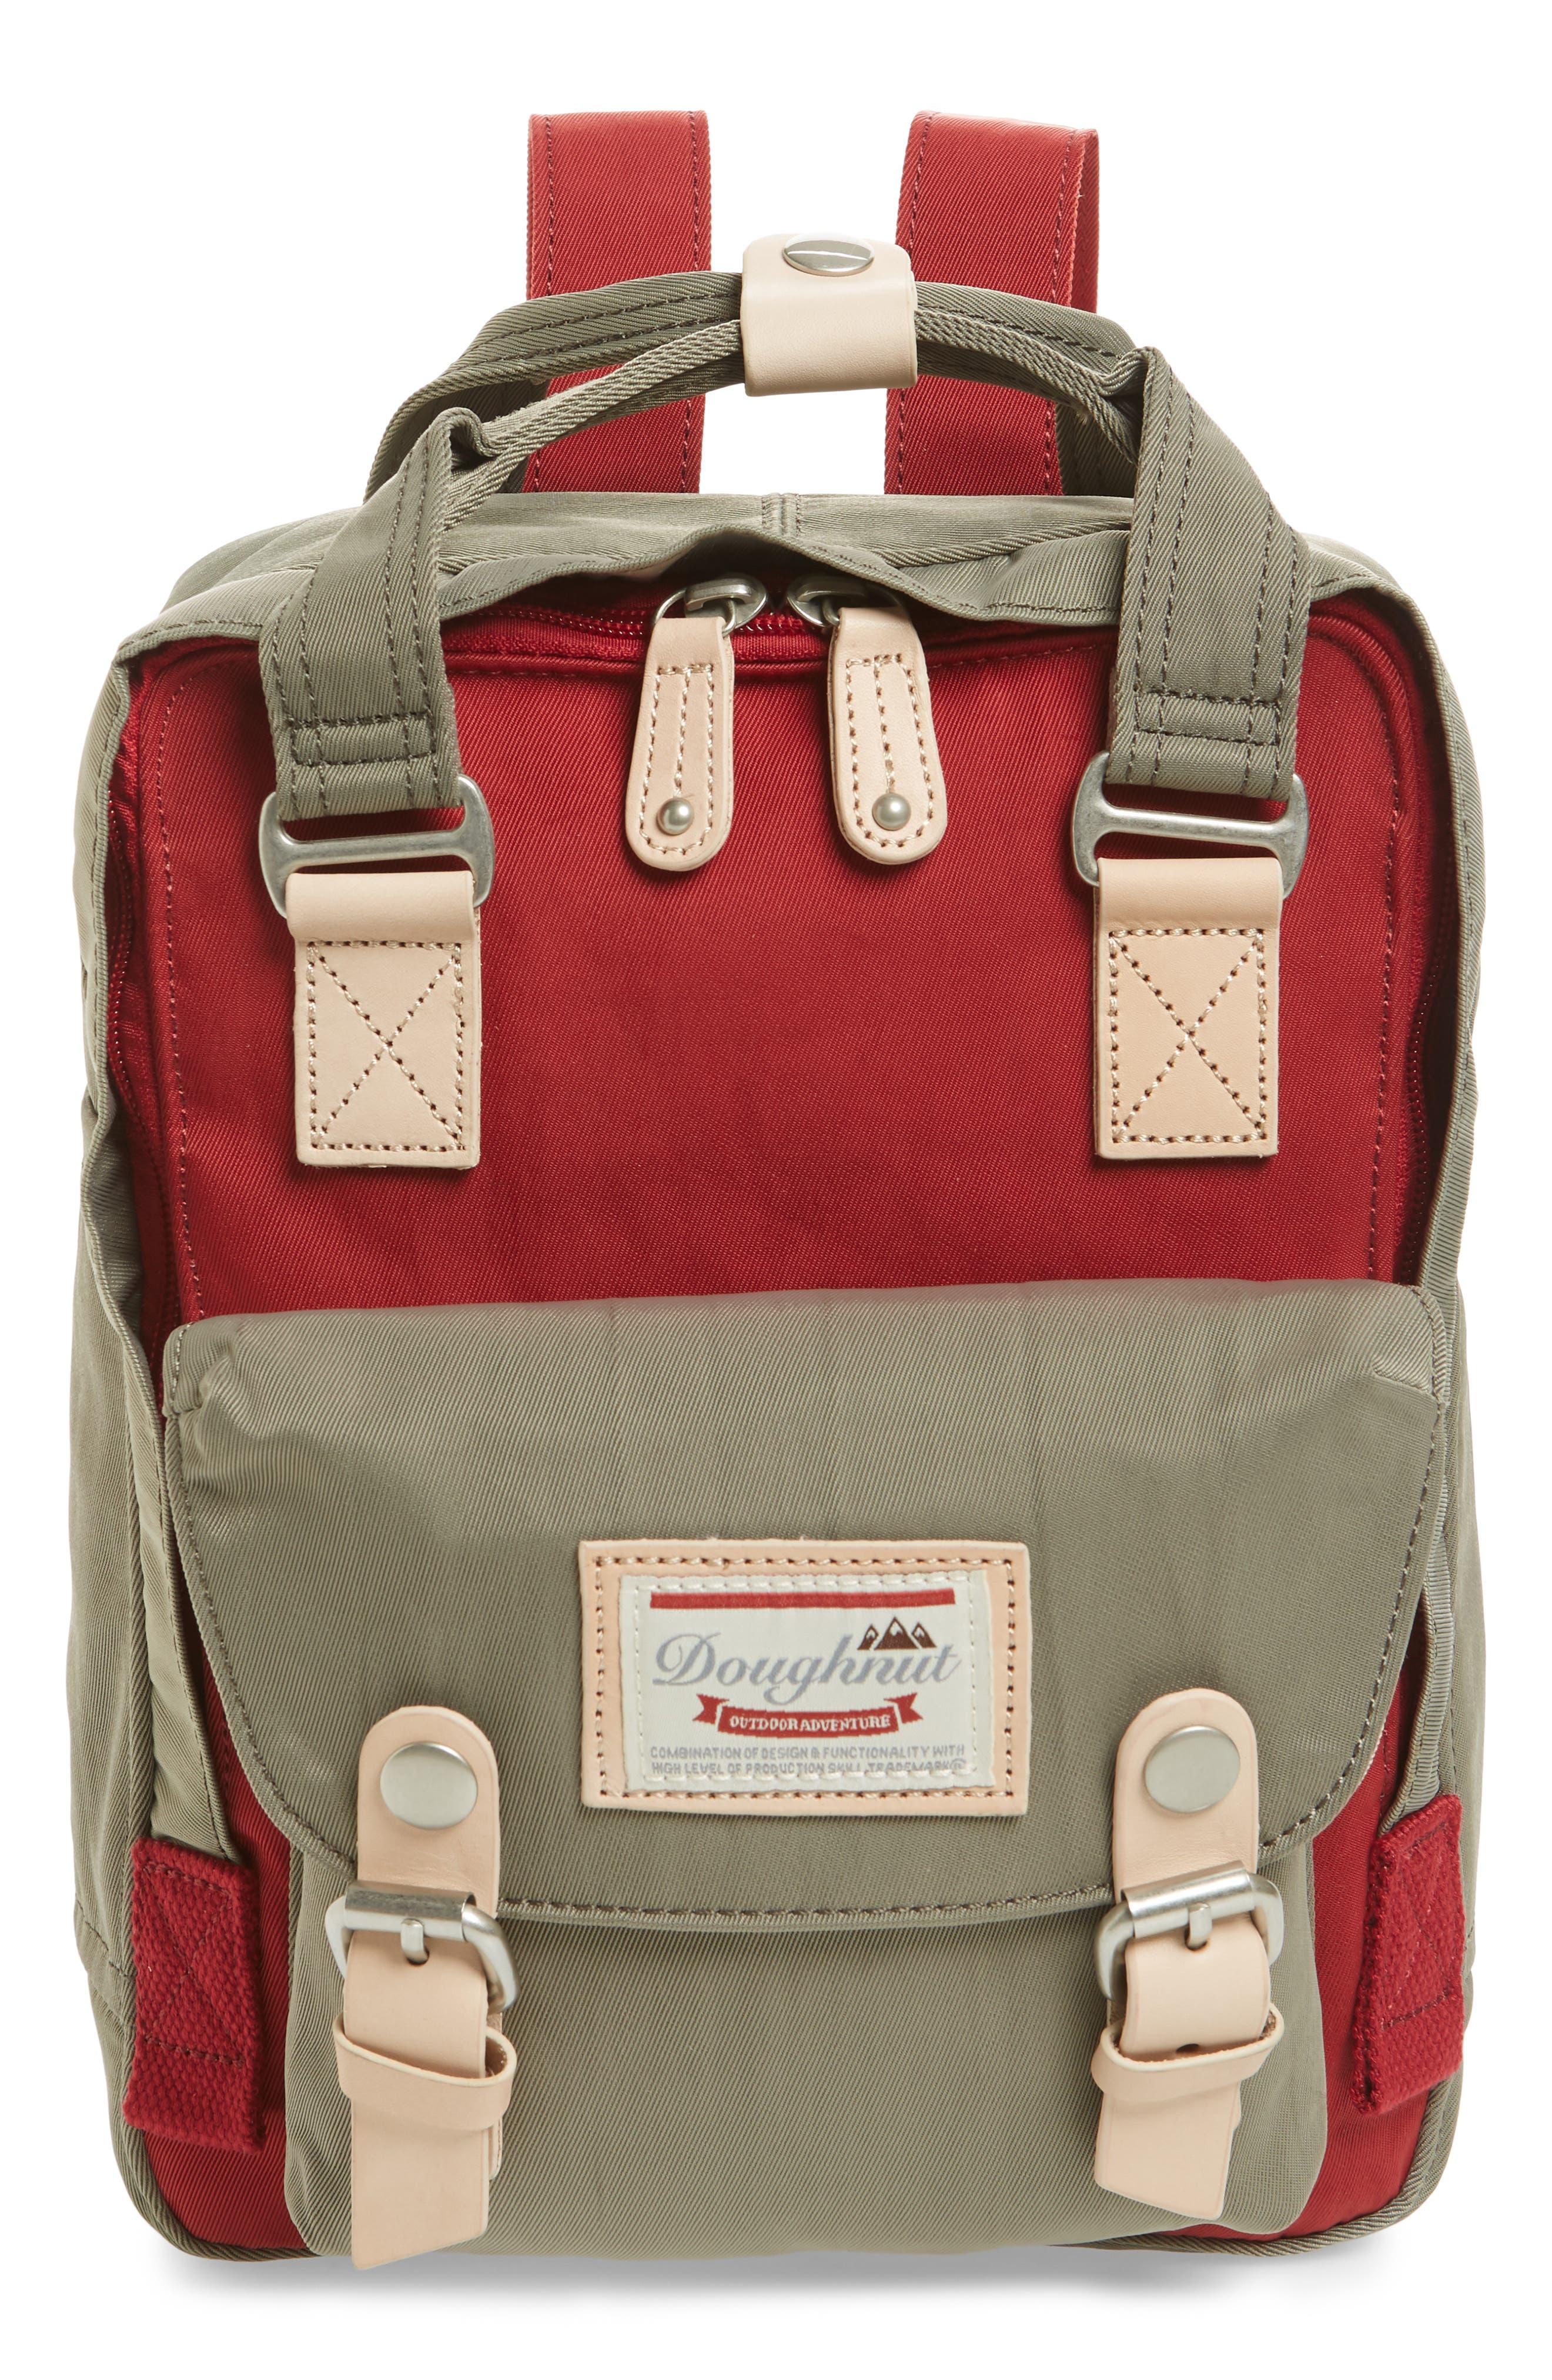 DOUGHNUT Mini Macaroon Colorblock Water Resistant Backpack - Pink in Rose/ Taro